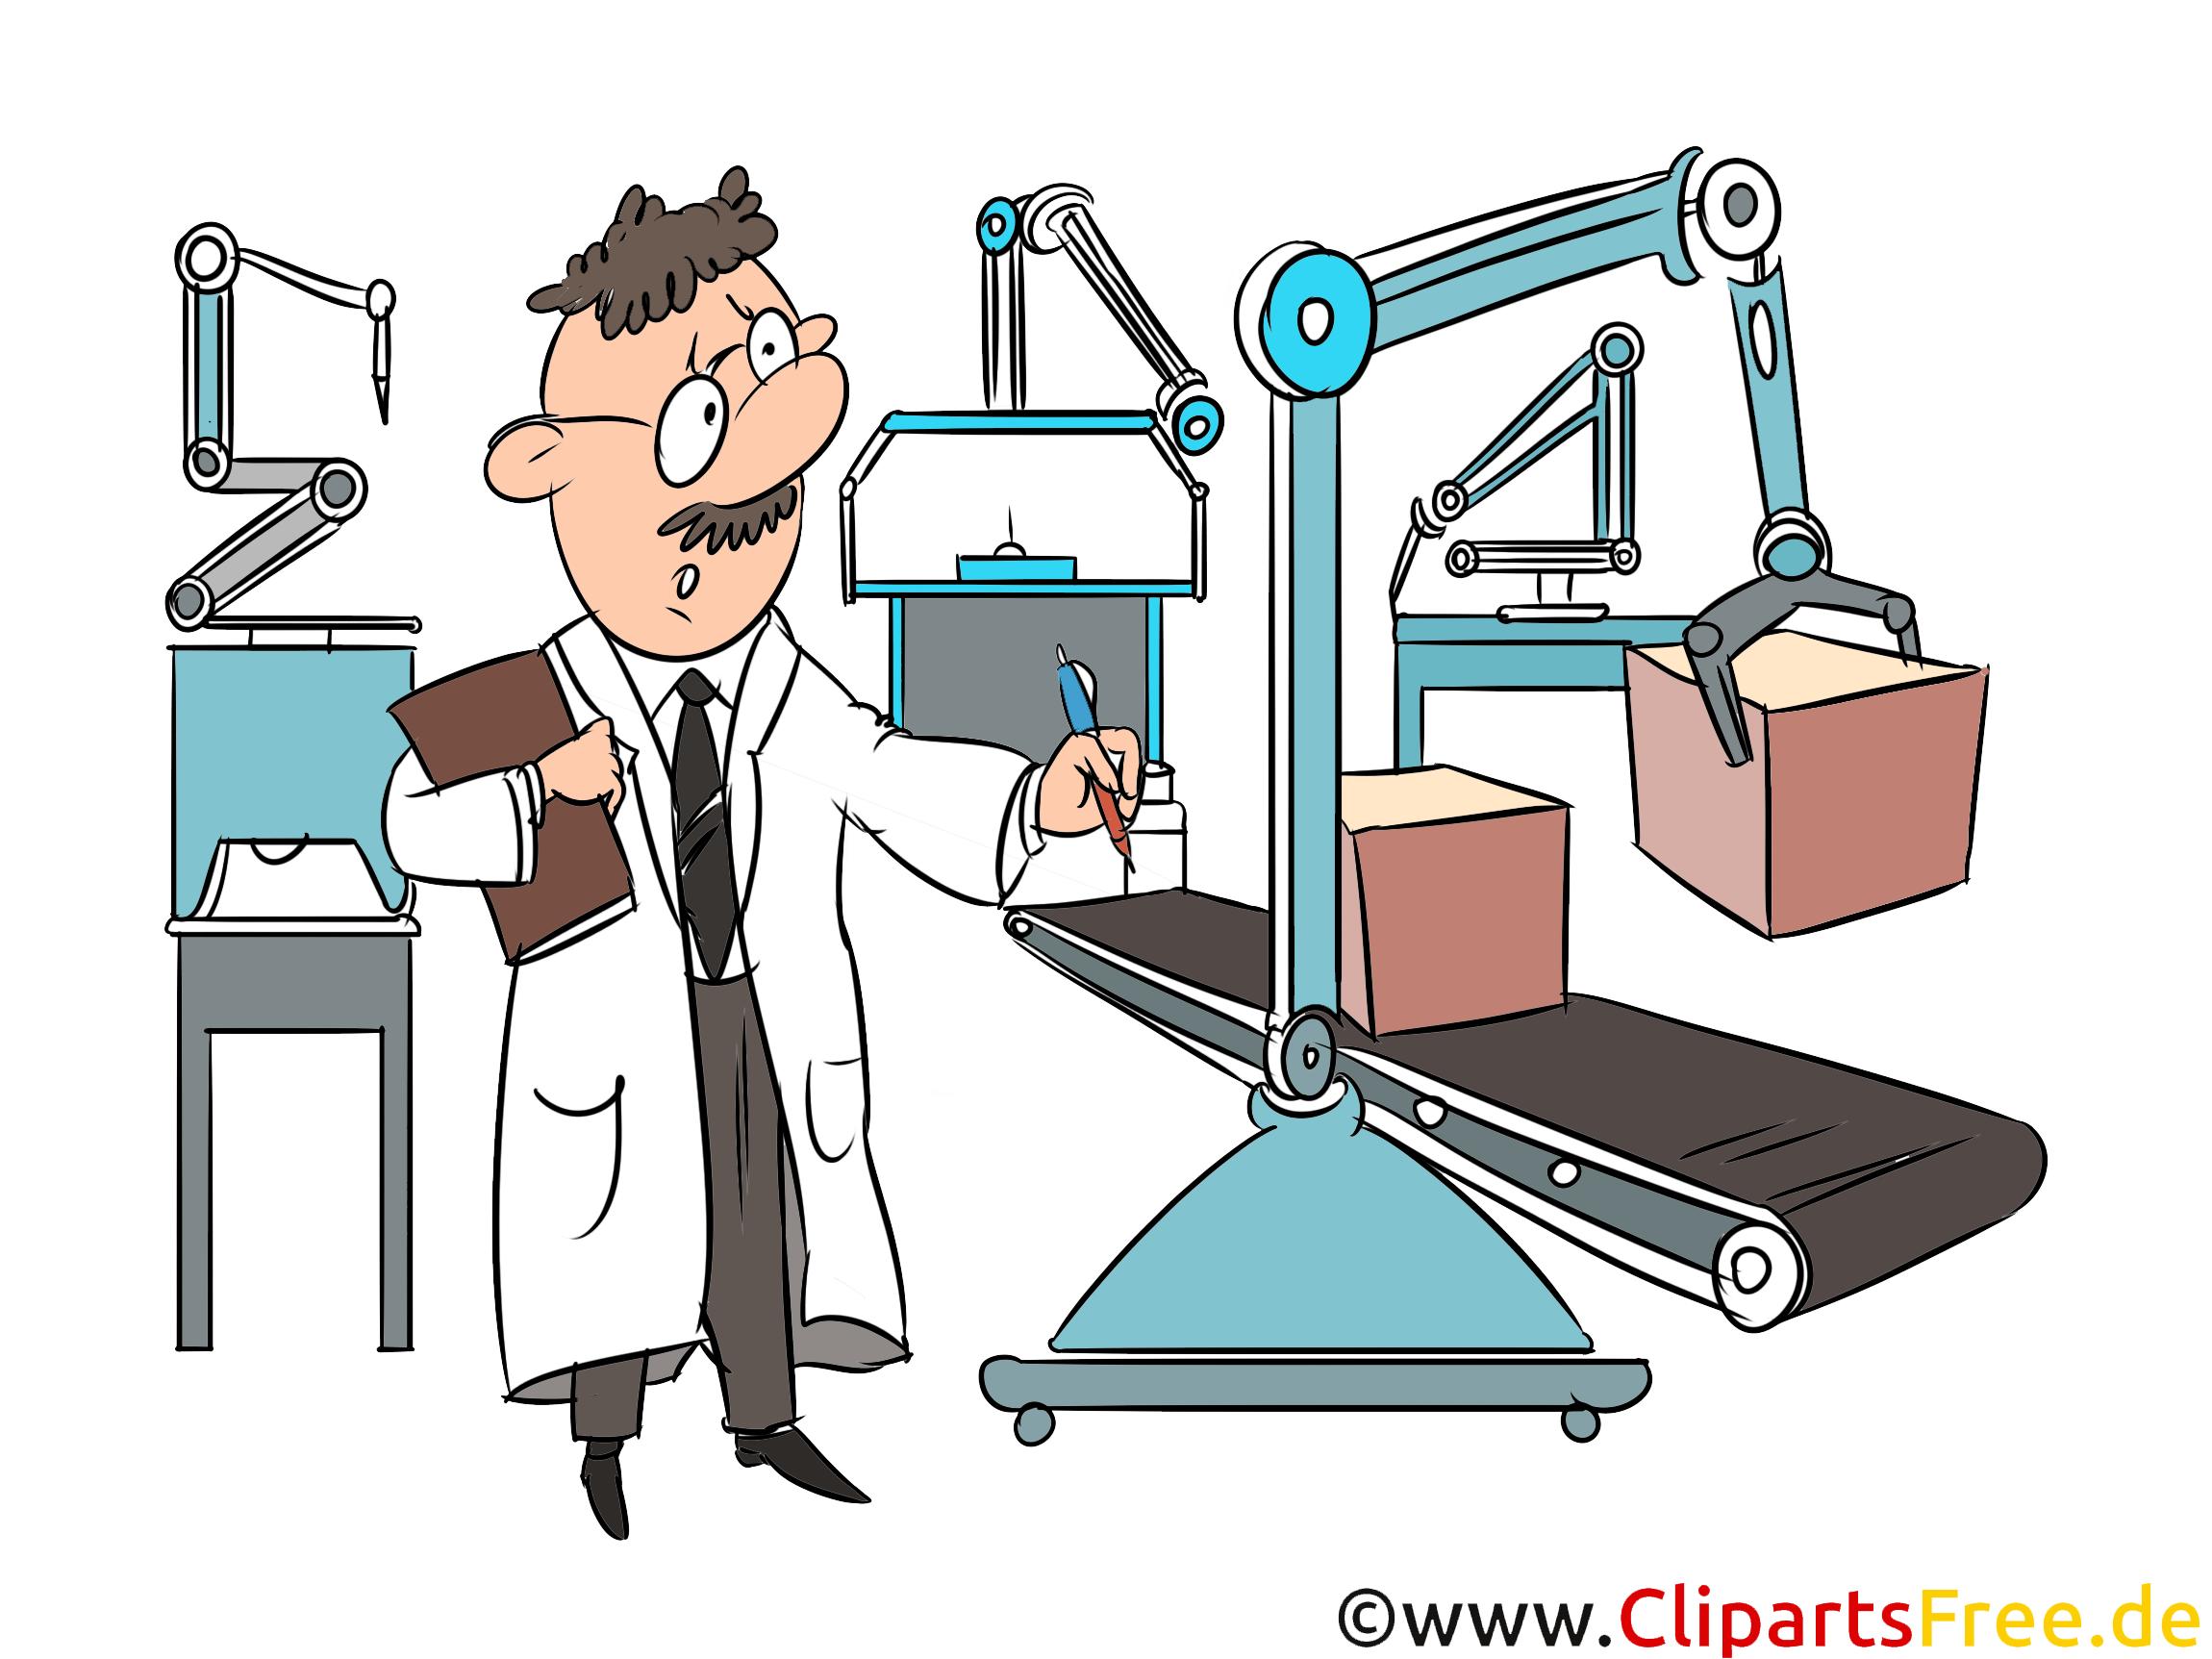 Prozess Automatisierung, Steuerung der Produktion Clipart-Illustration